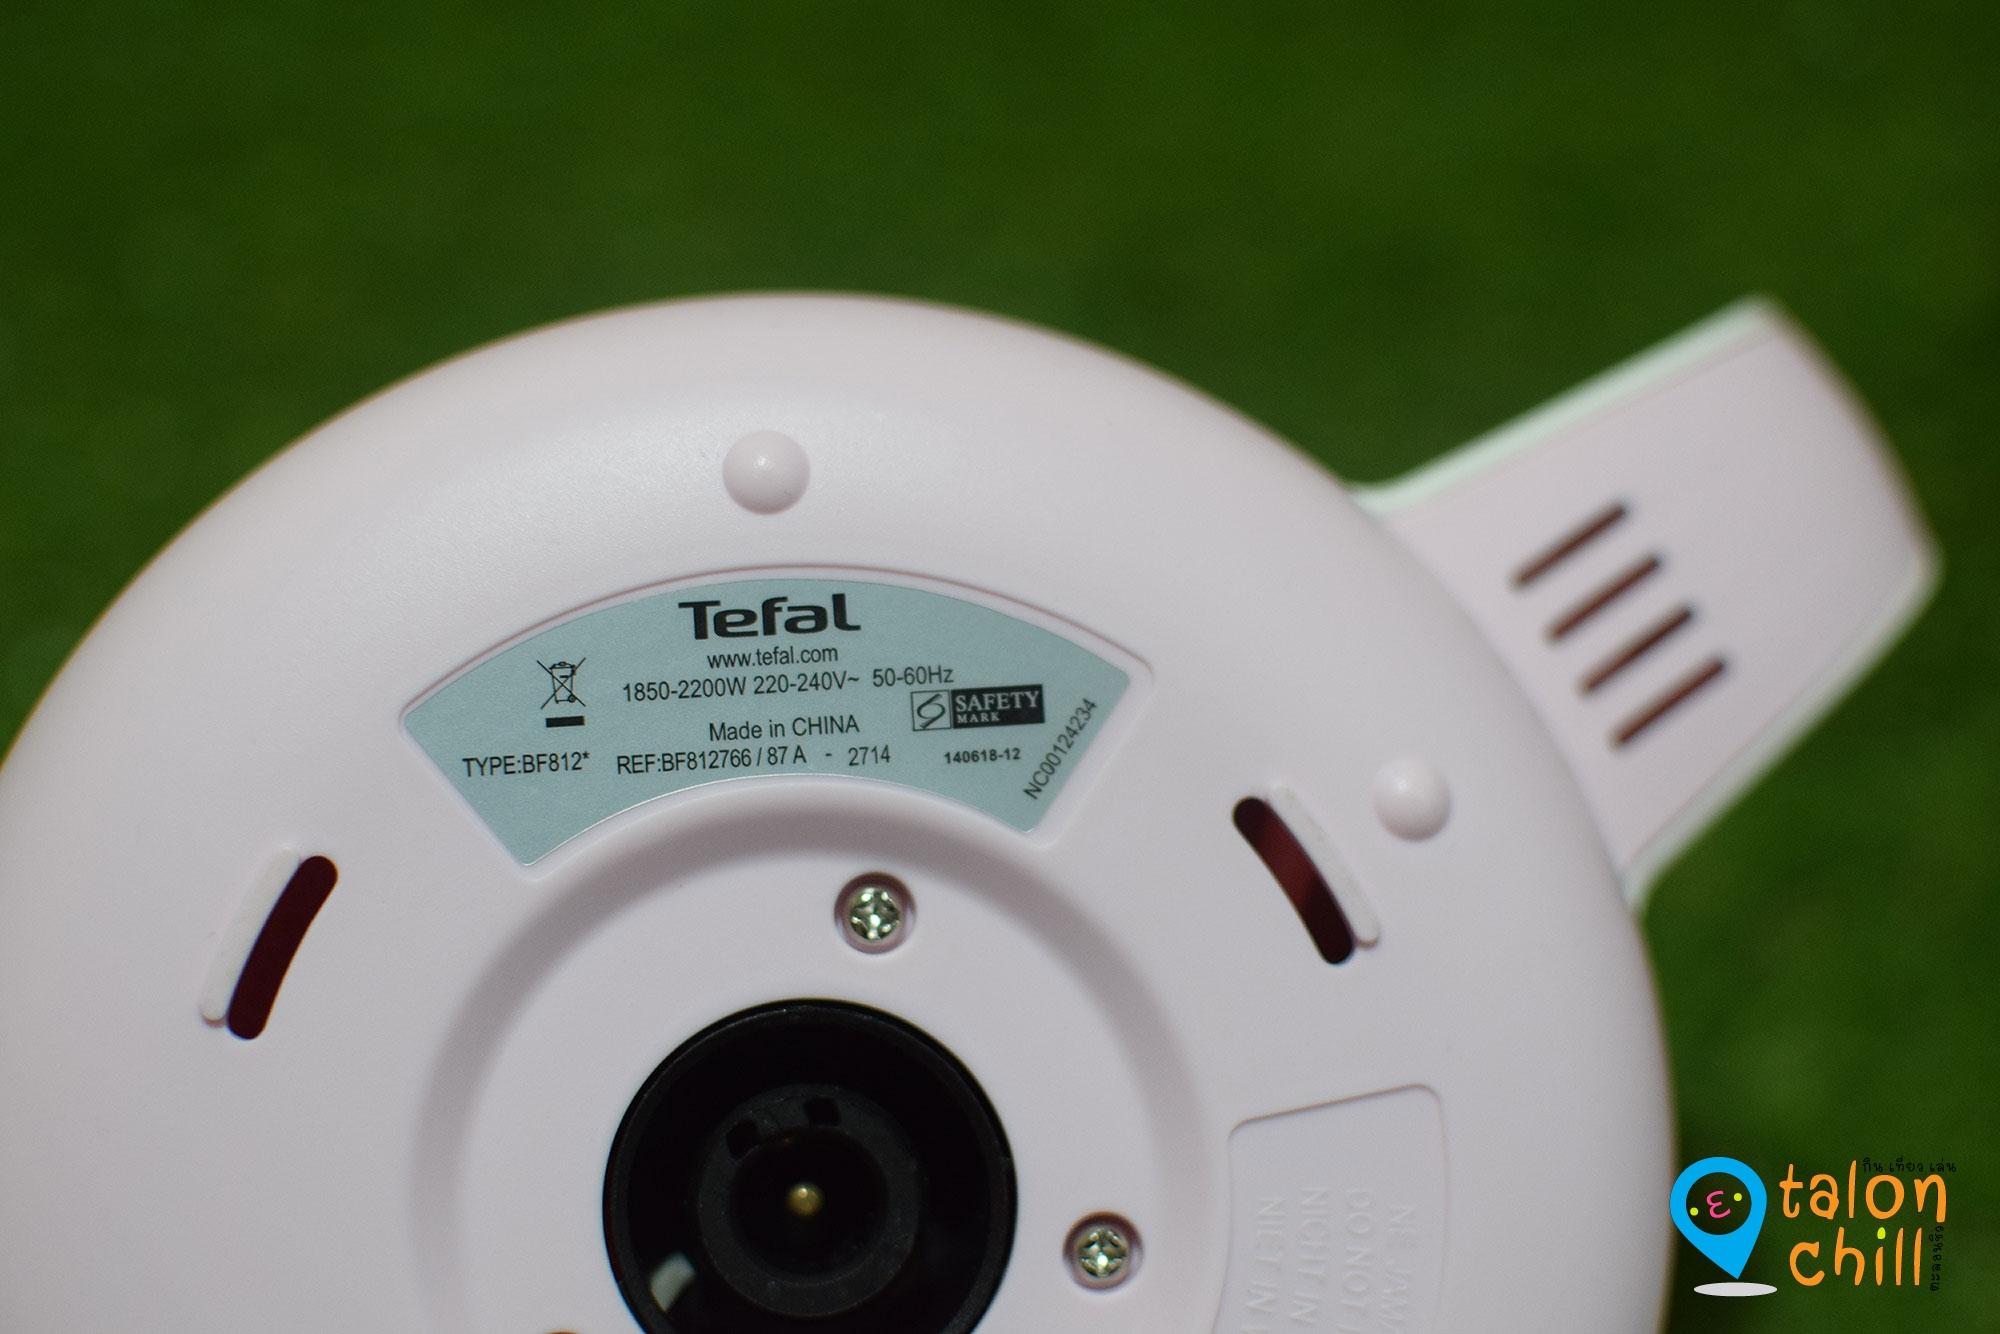 [แกะกล่อง] กาต้มน้ำไฟฟ้า TEFAL รุ่น Hello Kitty